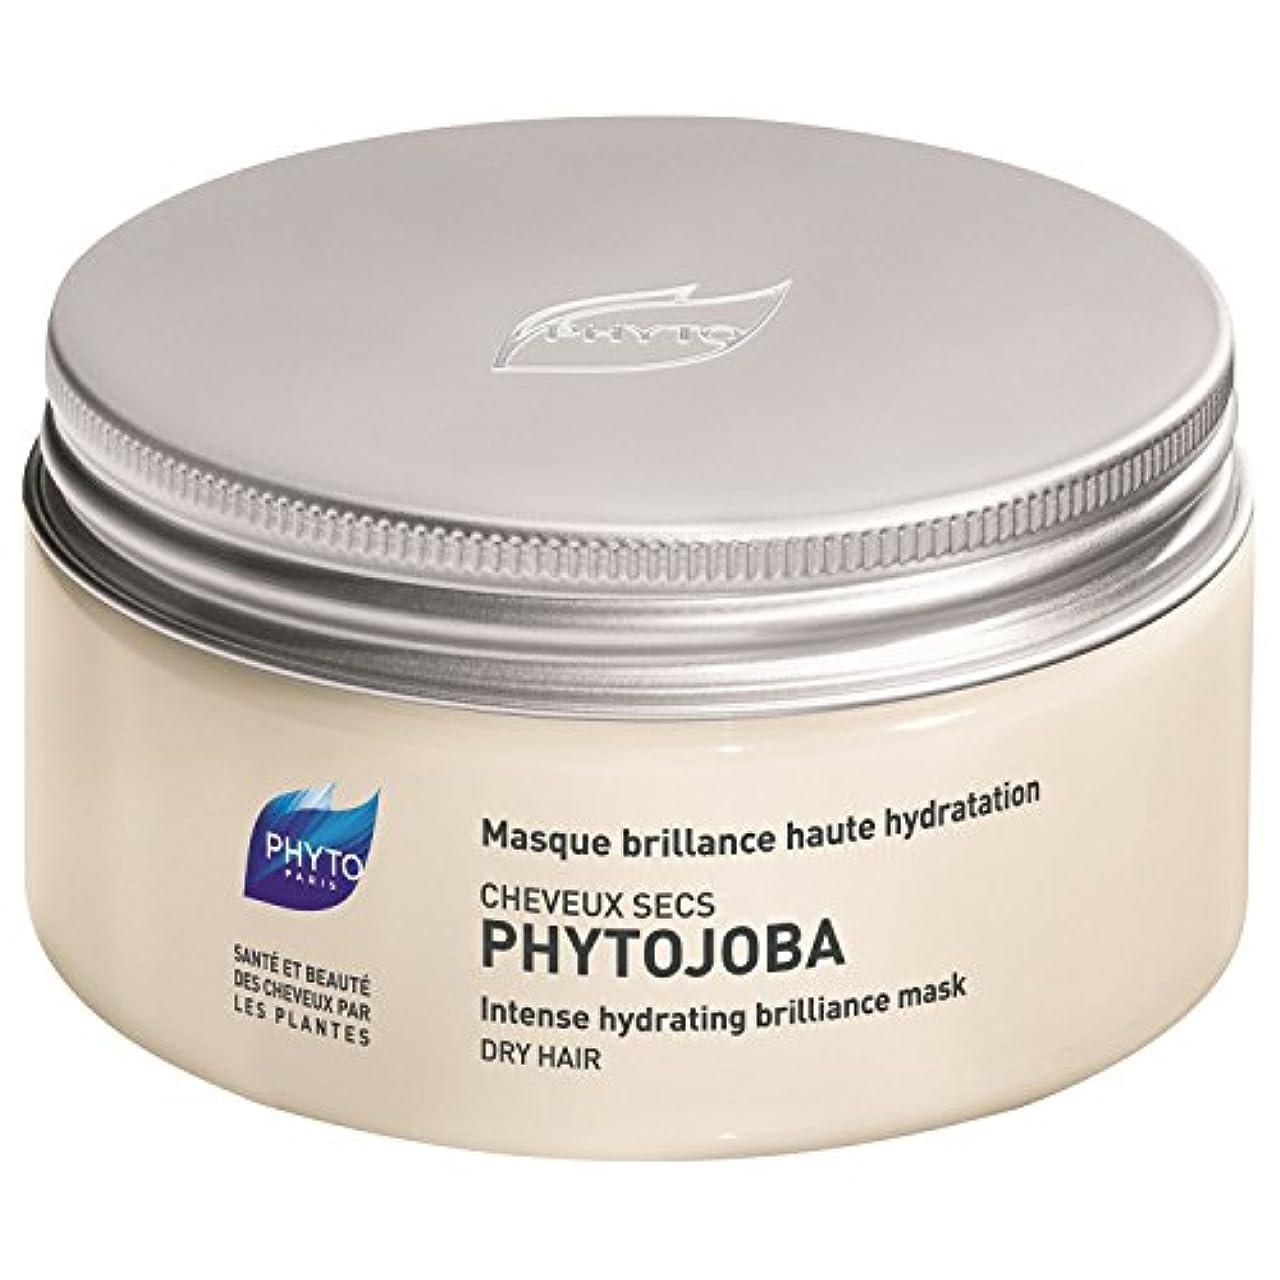 バースト義務的昼寝フィトPhytojoba強烈な水分補給マスク200ミリリットル (Phyto) (x2) - Phyto Phytojoba Intense Hydrating Mask 200ml (Pack of 2) [並行輸入品]